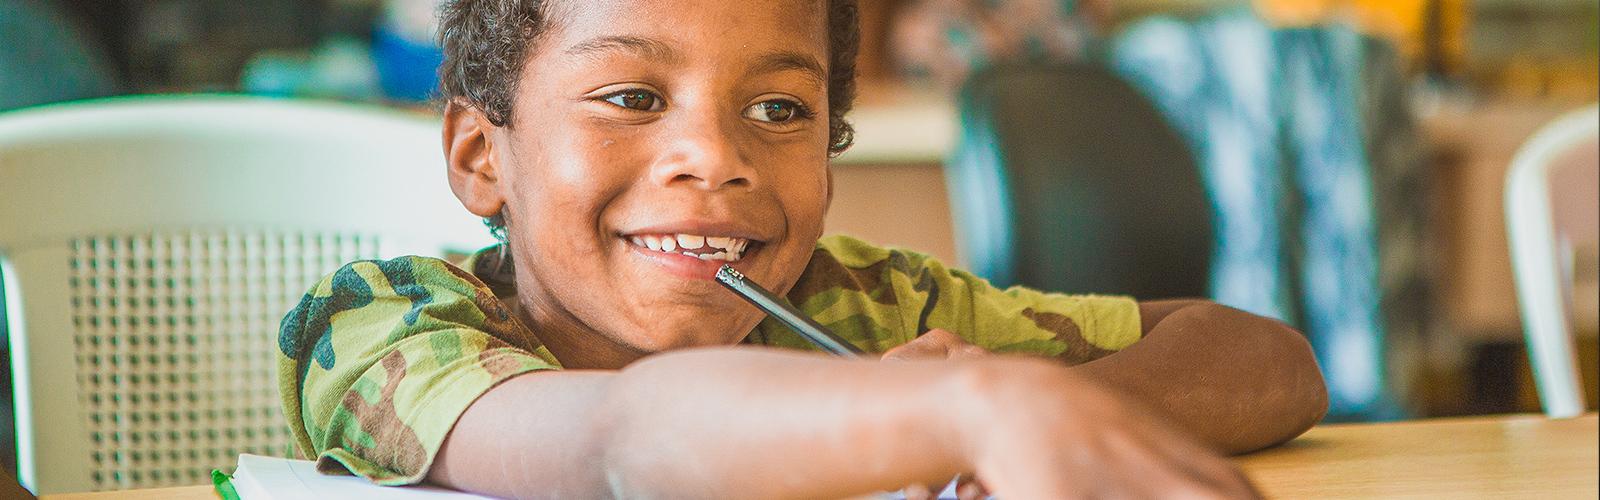 Informe Social da Fundação Telefônica Vivo: Pra Quem Quer Educar